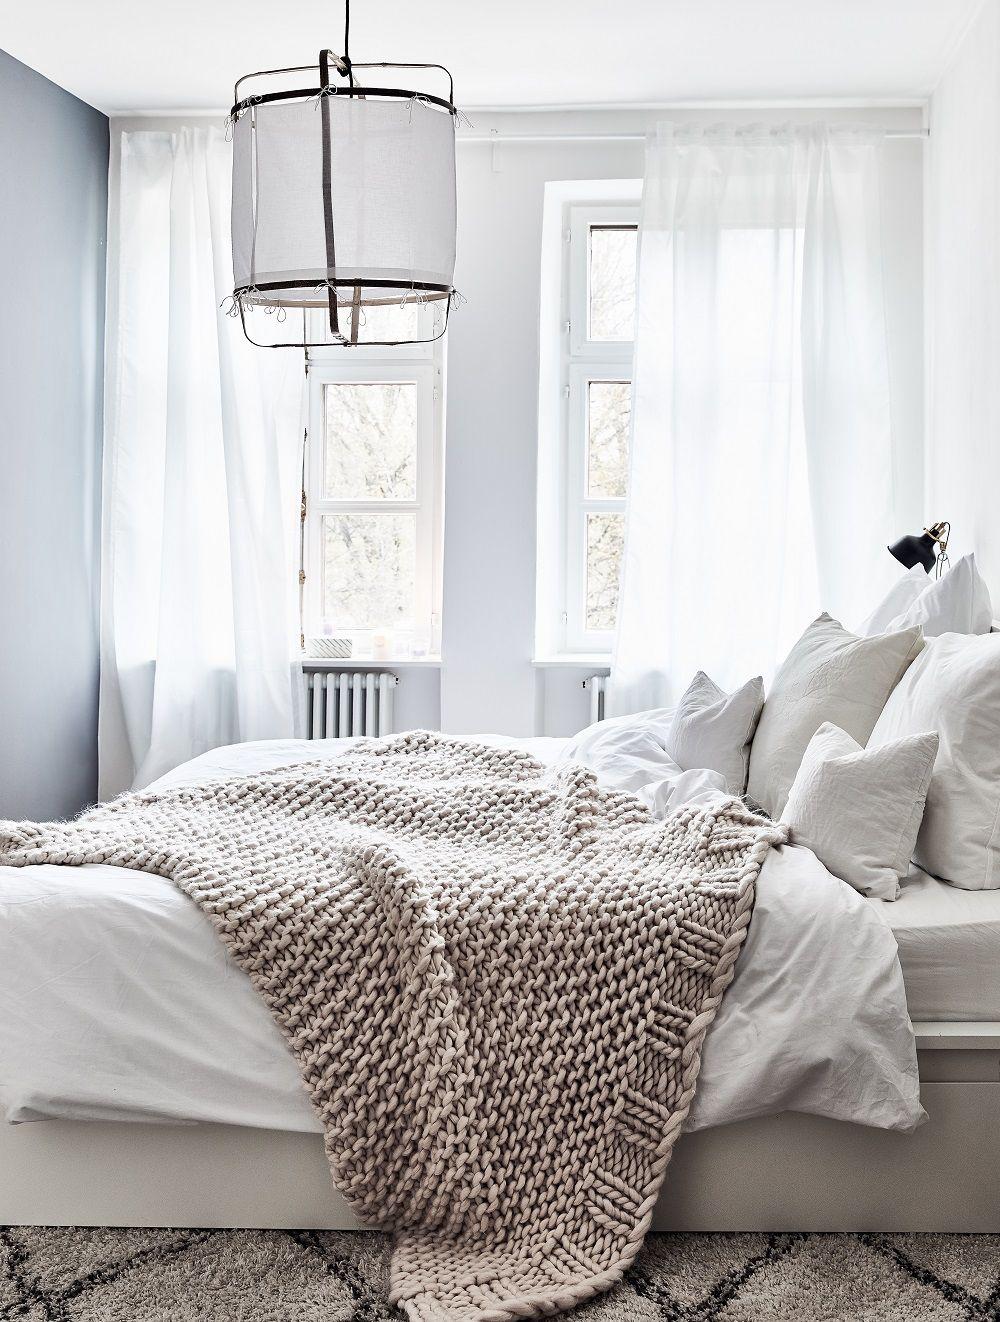 In Diesem Wunderschönen Schlafzimmer Sind Ruhige Träume Vorprogrammiert.  Ein Angesagter Beni Ourain Teppich, Eine Kuschelige Chunky Knit Decke Und  Die ...